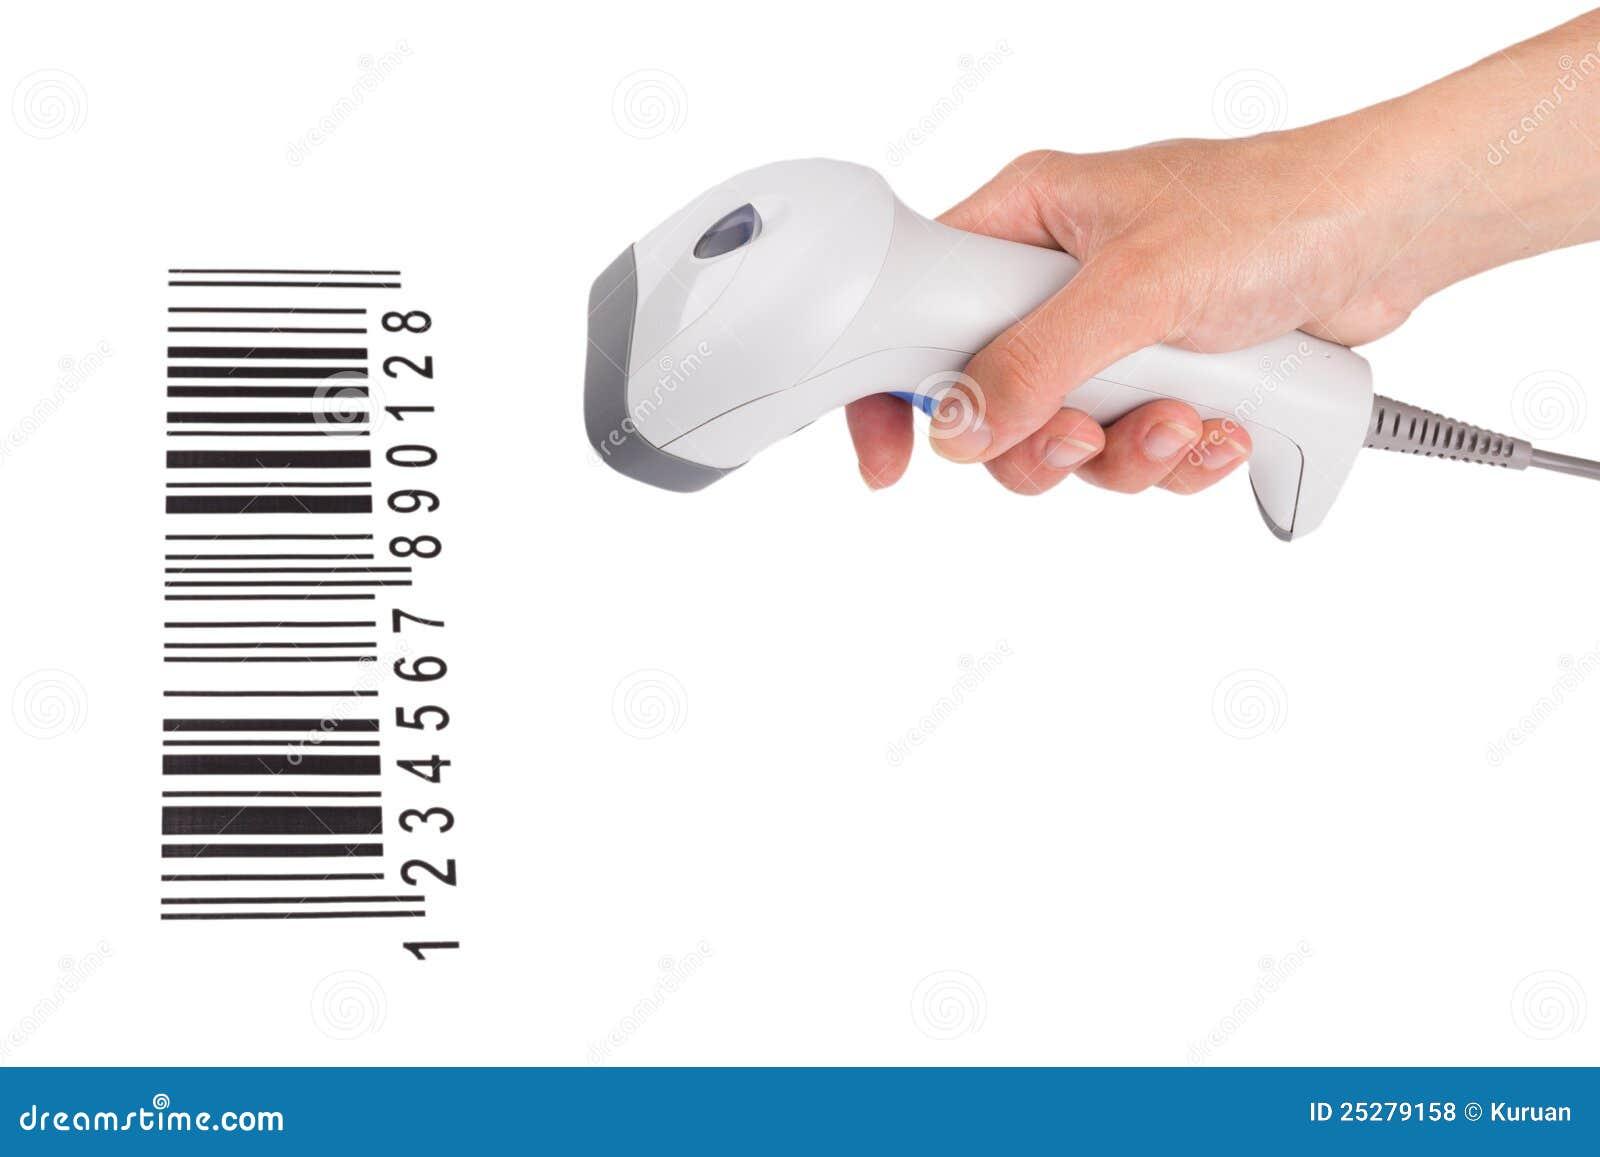 El explorador manual de la clave de barras en una mano femenina